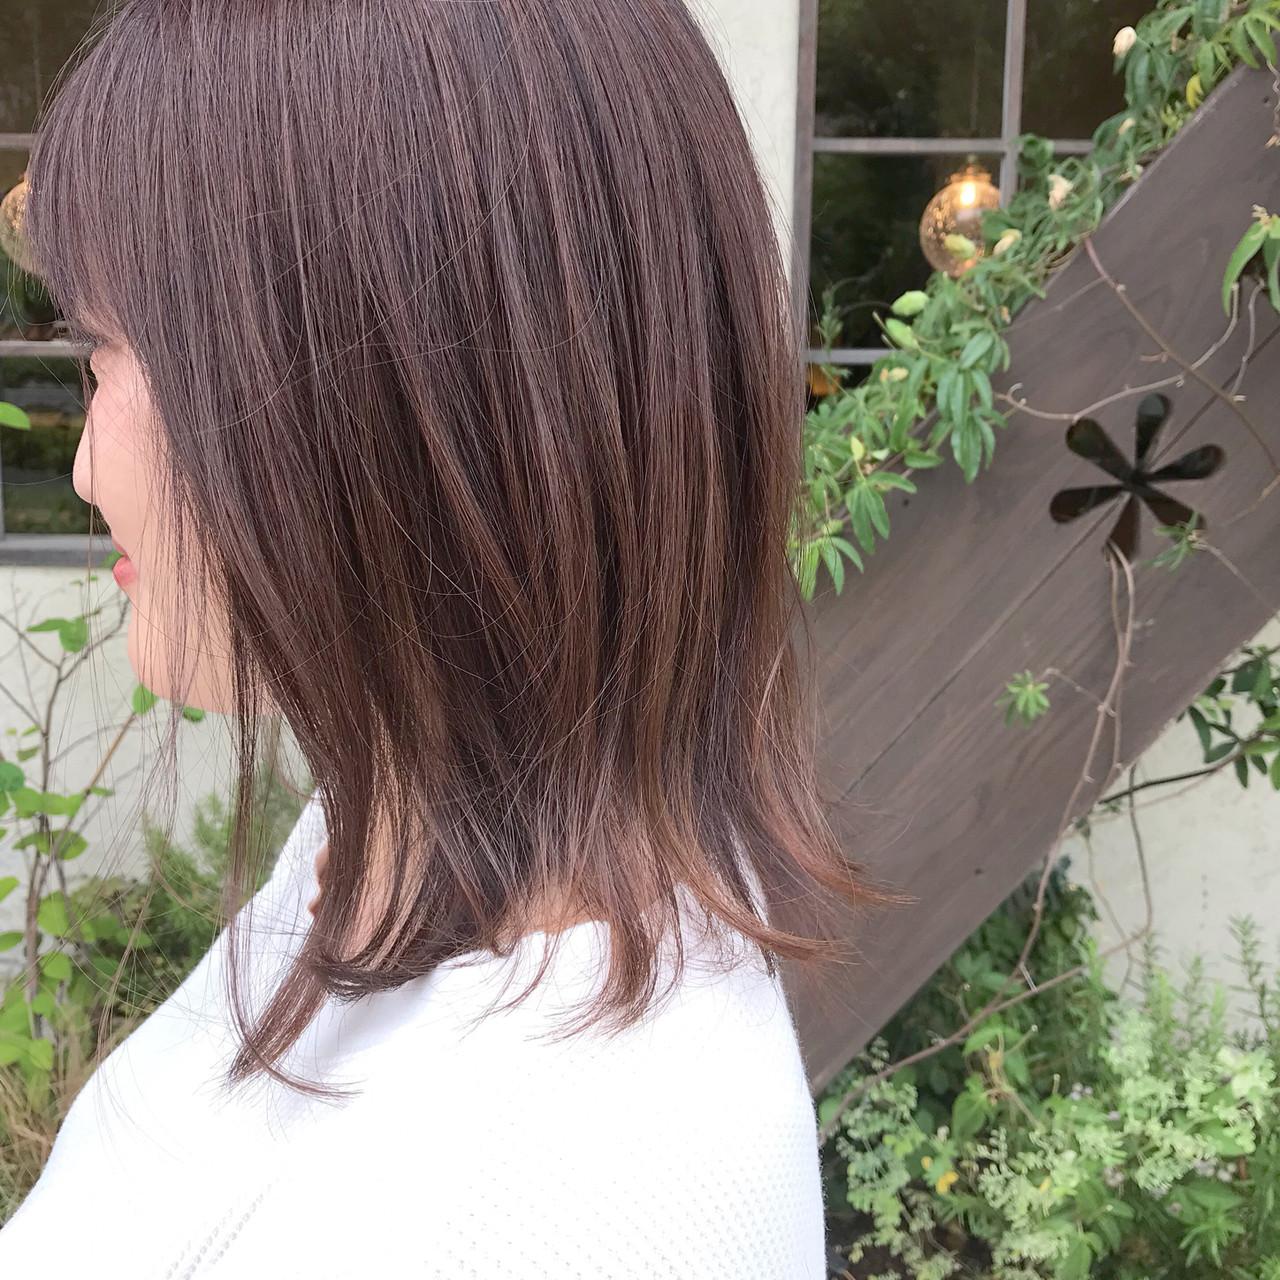 ラベンダーアッシュ ブルーラベンダー ナチュラル アッシュグラデーション ヘアスタイルや髪型の写真・画像 | Nakamura Mari / rocca